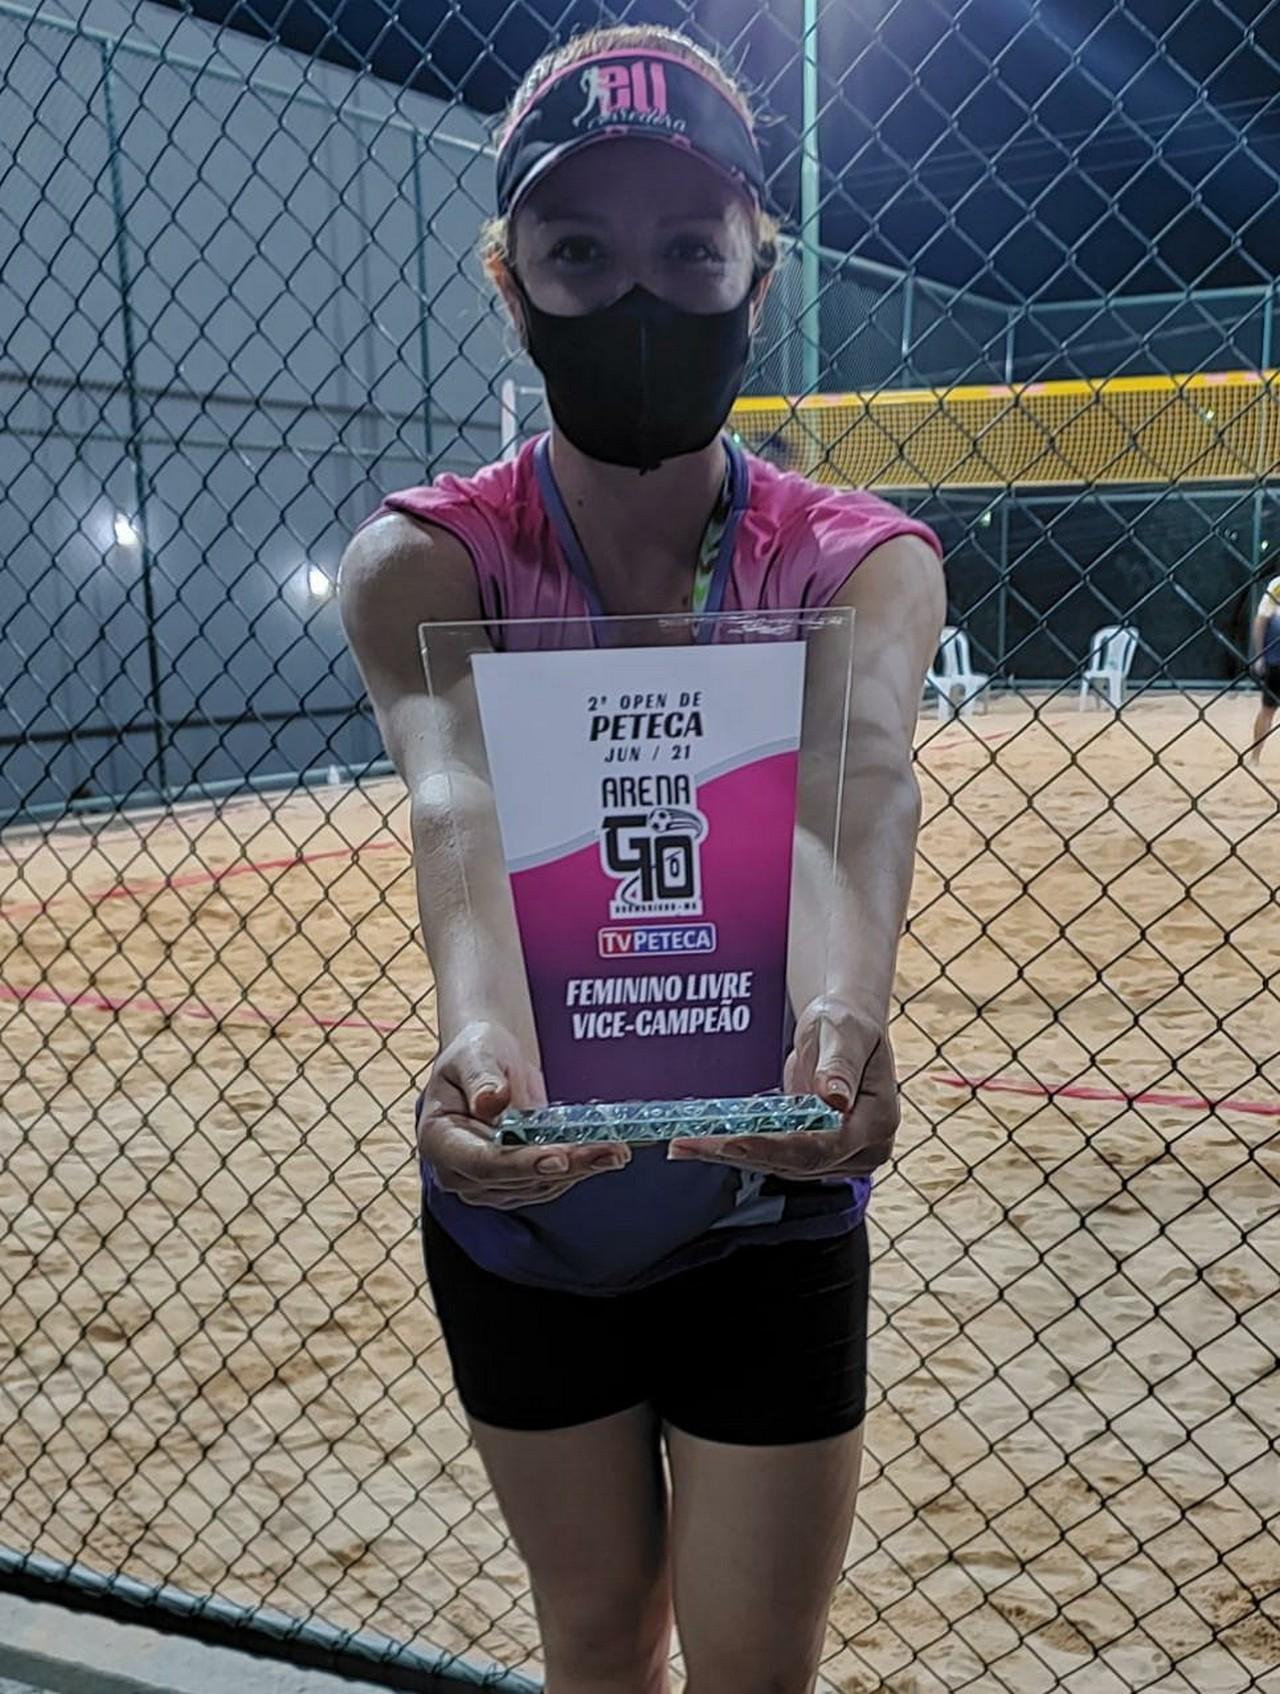 Atleta do CBH desponta na peteca de areia